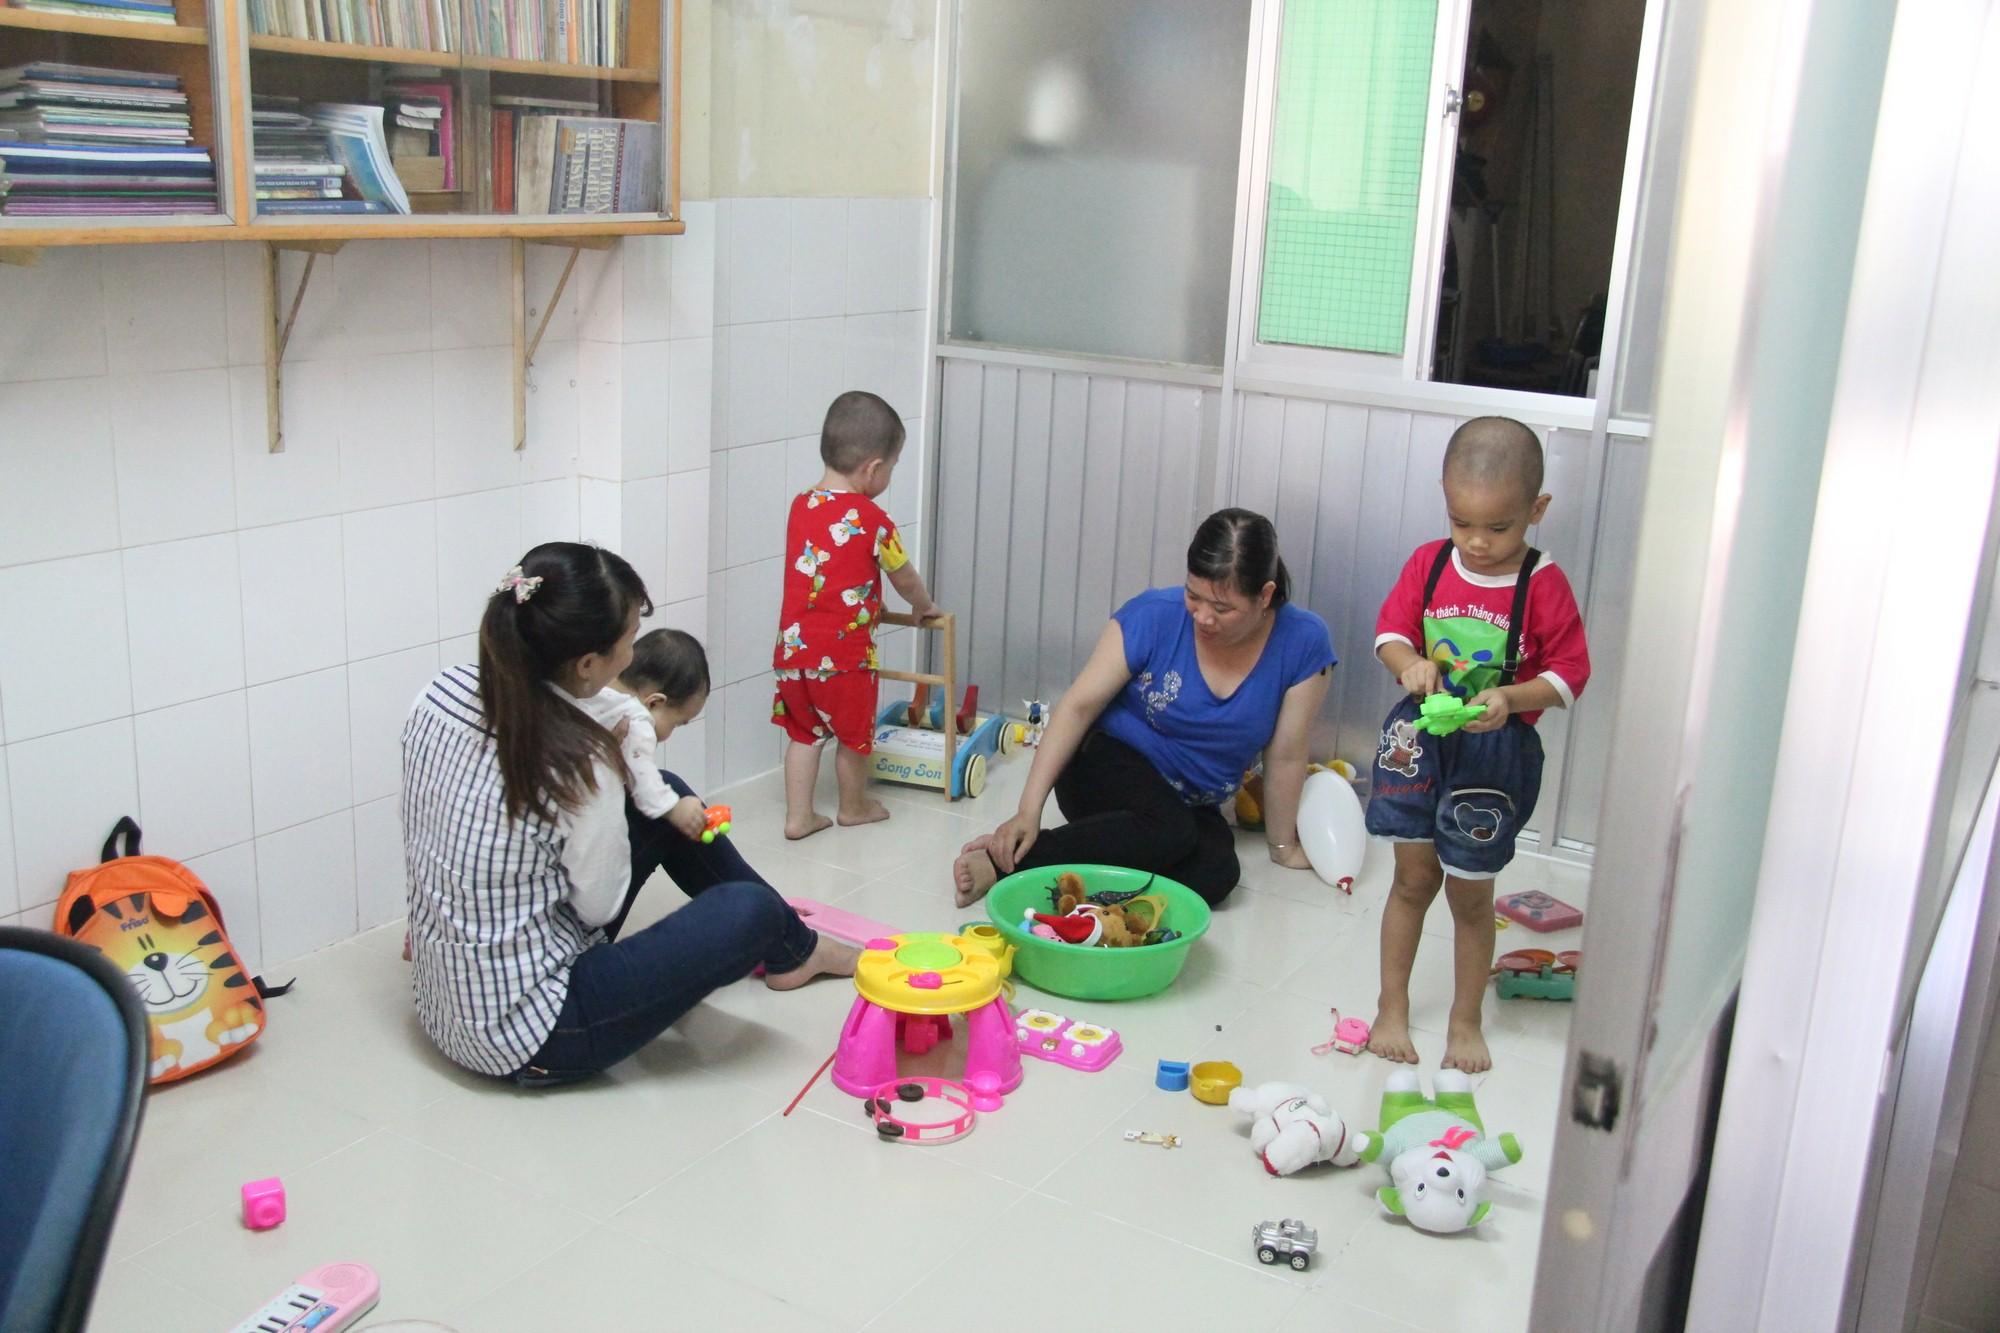 Phòng giữ trẻ - Ấu nhi (tầng trệt)